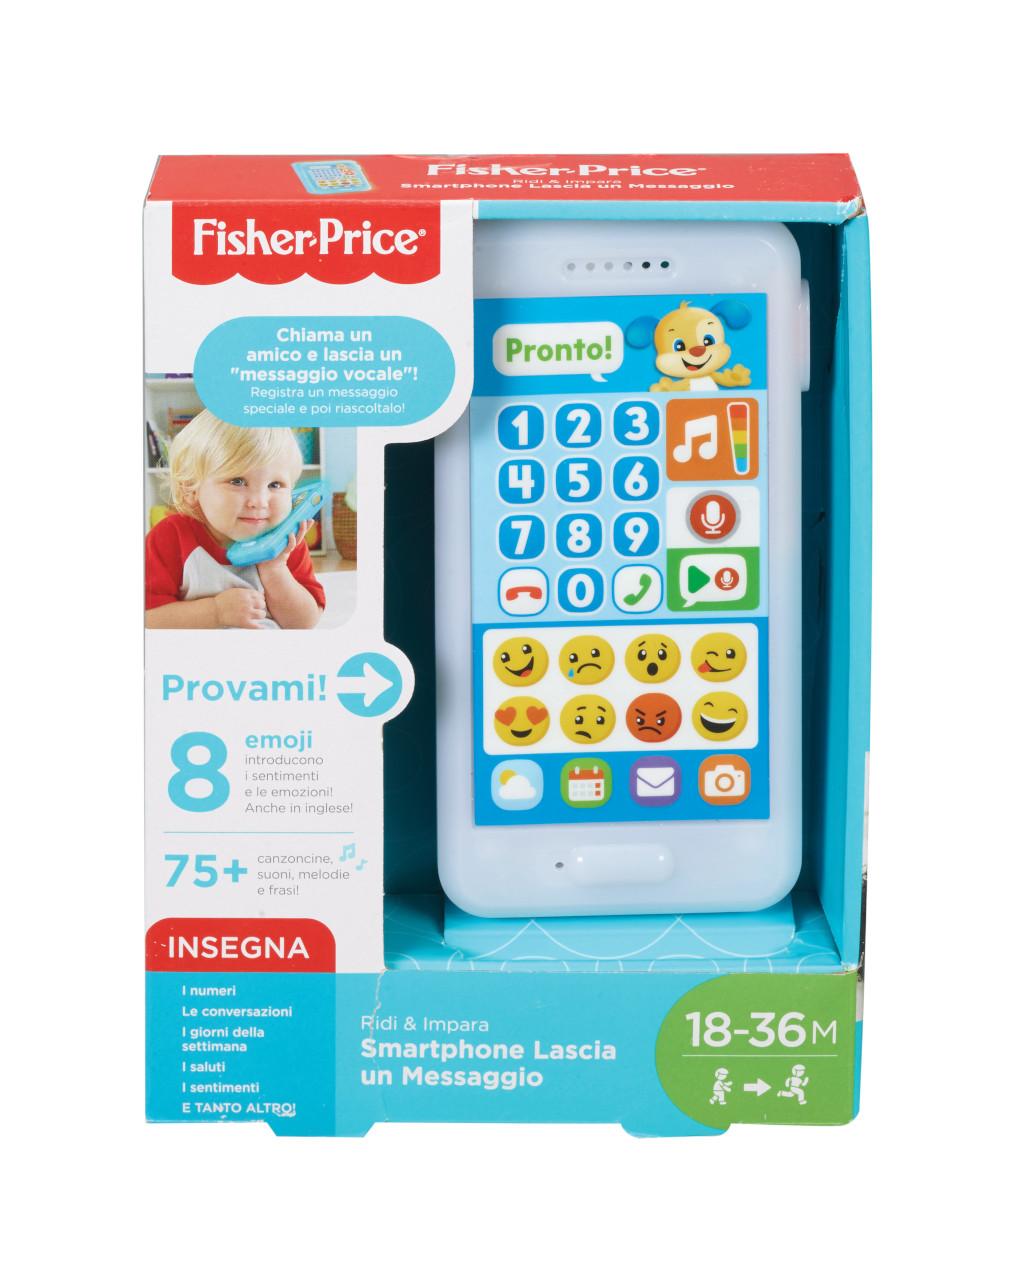 Fisher price - smartphone lascia un messaggio - Fisher-Price